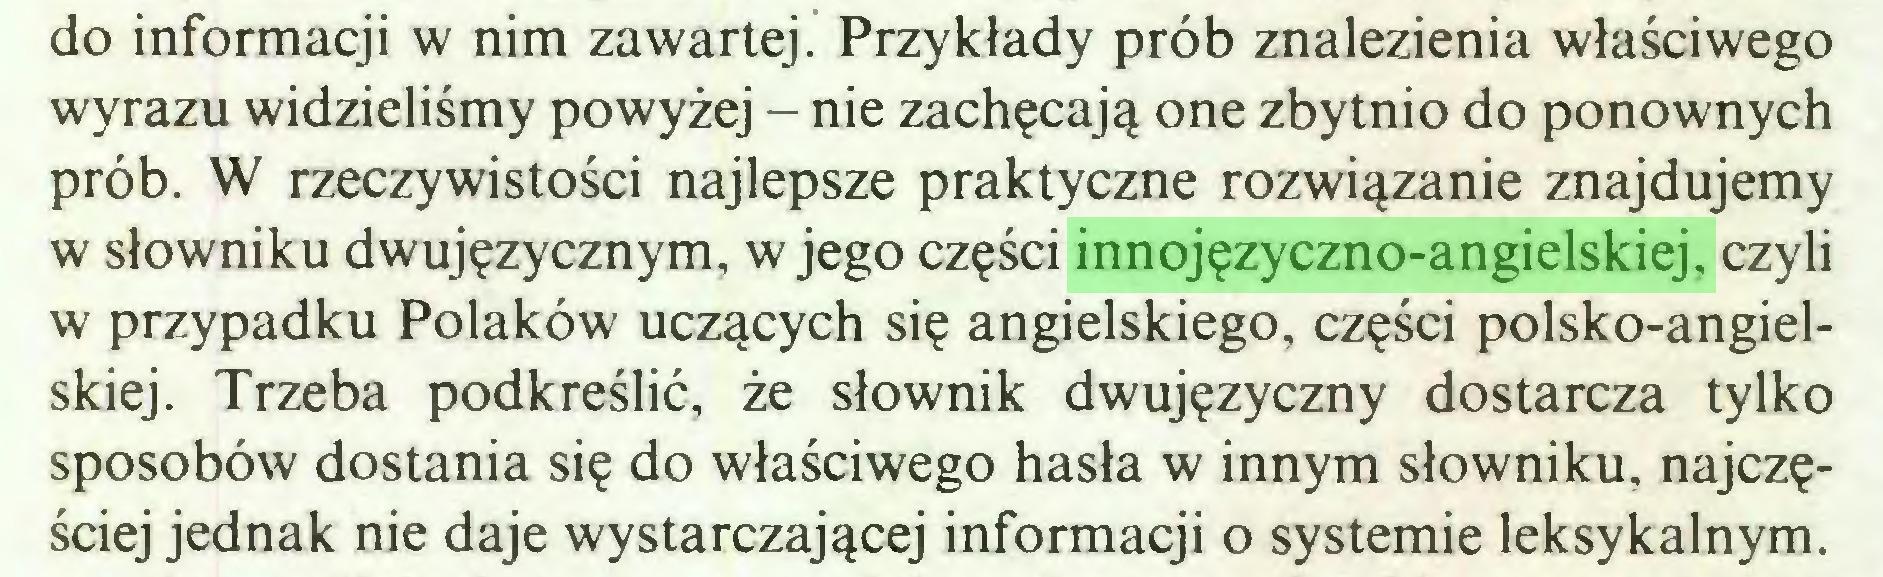 (...) do informacji w nim zawartej. Przykłady prób znalezienia właściwego wyrazu widzieliśmy powyżej - nie zachęcają one zbytnio do ponownych prób. W rzeczywistości najlepsze praktyczne rozwiązanie znajdujemy w słowniku dwujęzycznym, w jego części innojęzyczno-angielskiej, czyli w przypadku Polaków uczących się angielskiego, części polsko-angielskiej. Trzeba podkreślić, że słownik dwujęzyczny dostarcza tylko sposobów dostania się do właściwego hasła w innym słowniku, najczęściej jednak nie daje wystarczającej informacji o systemie leksykalnym...